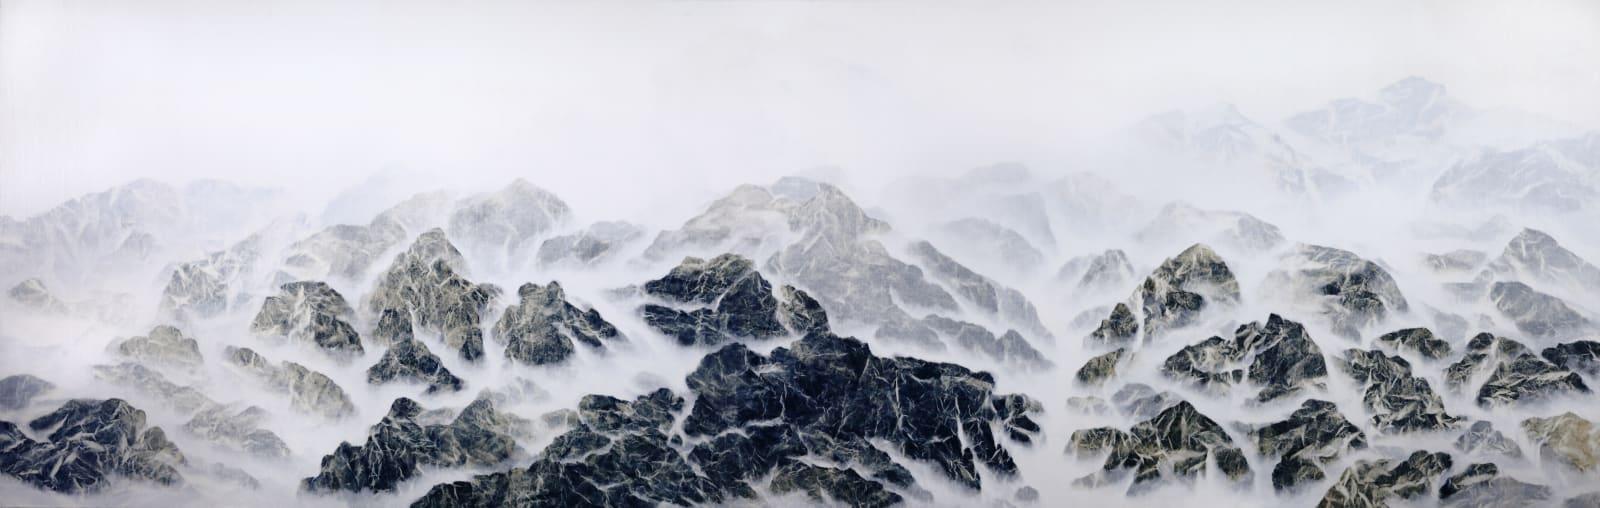 Wu Chi-Tsung 吳季璁, Cyano-Collage 029 氰山集之二十九, 2018